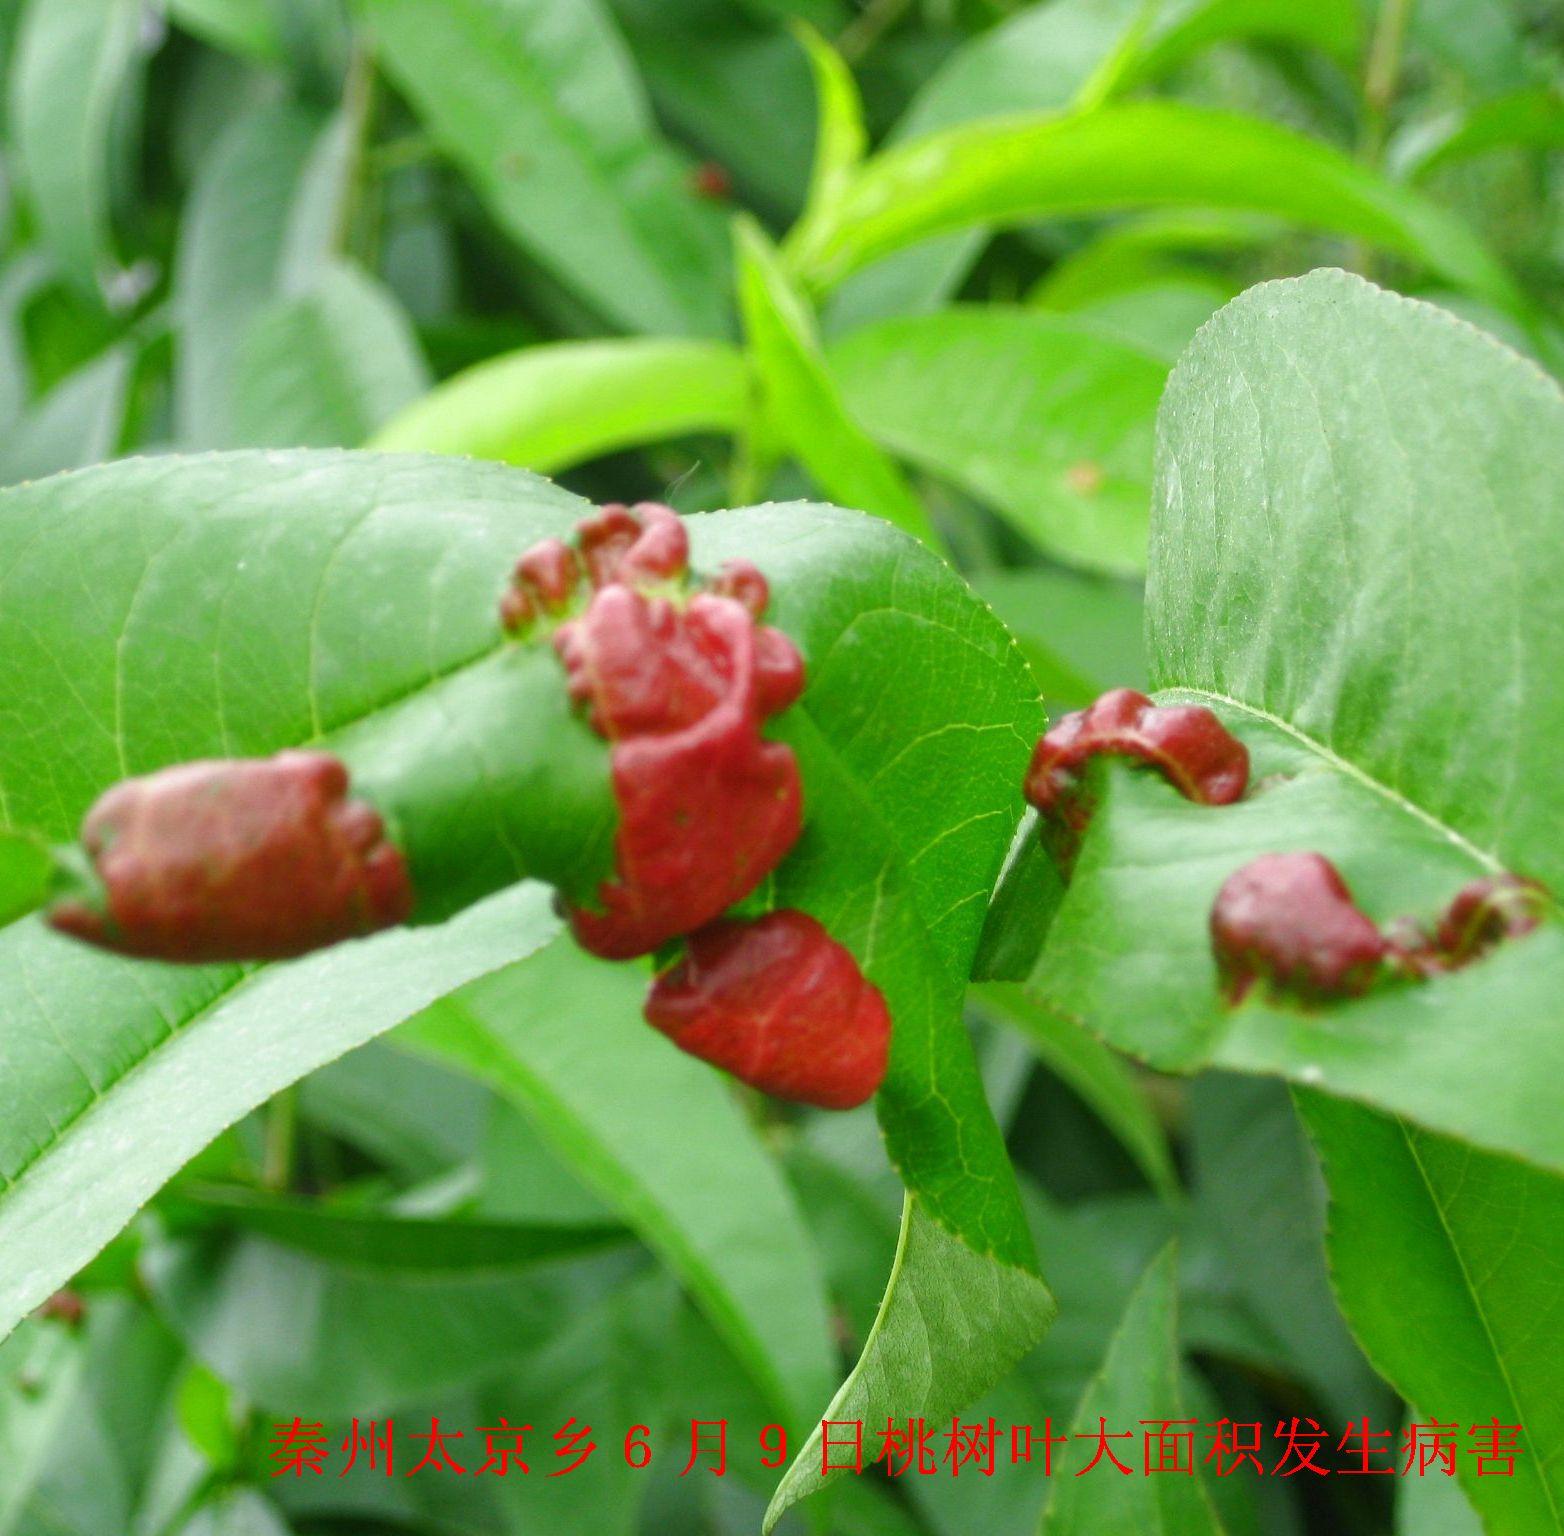 这样的桃树叶病害大家见过吗